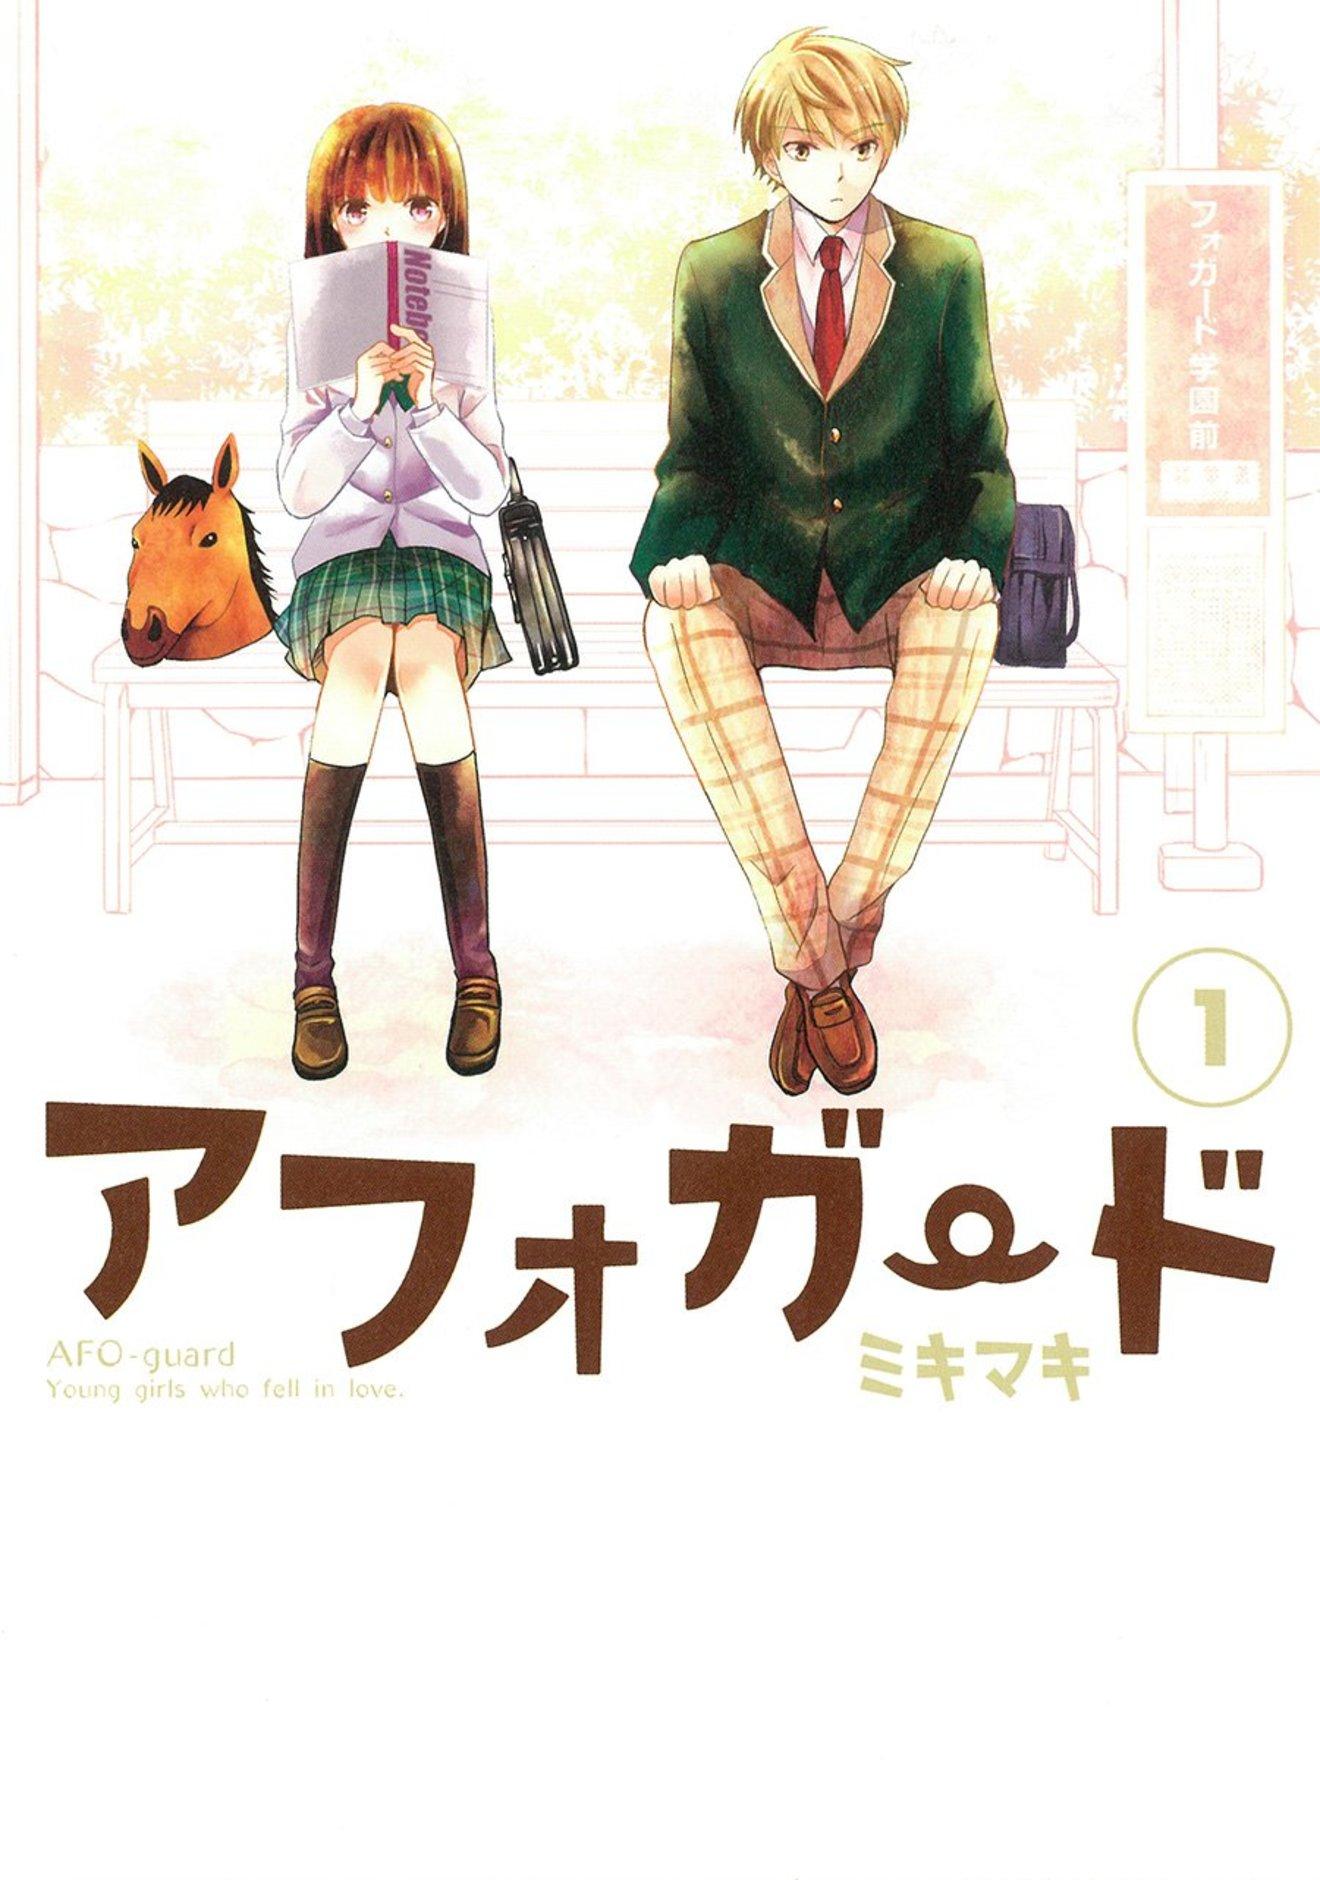 『アフォガード』が無料!斬新すぎな恋愛漫画の見所を全巻ネタバレ紹介!